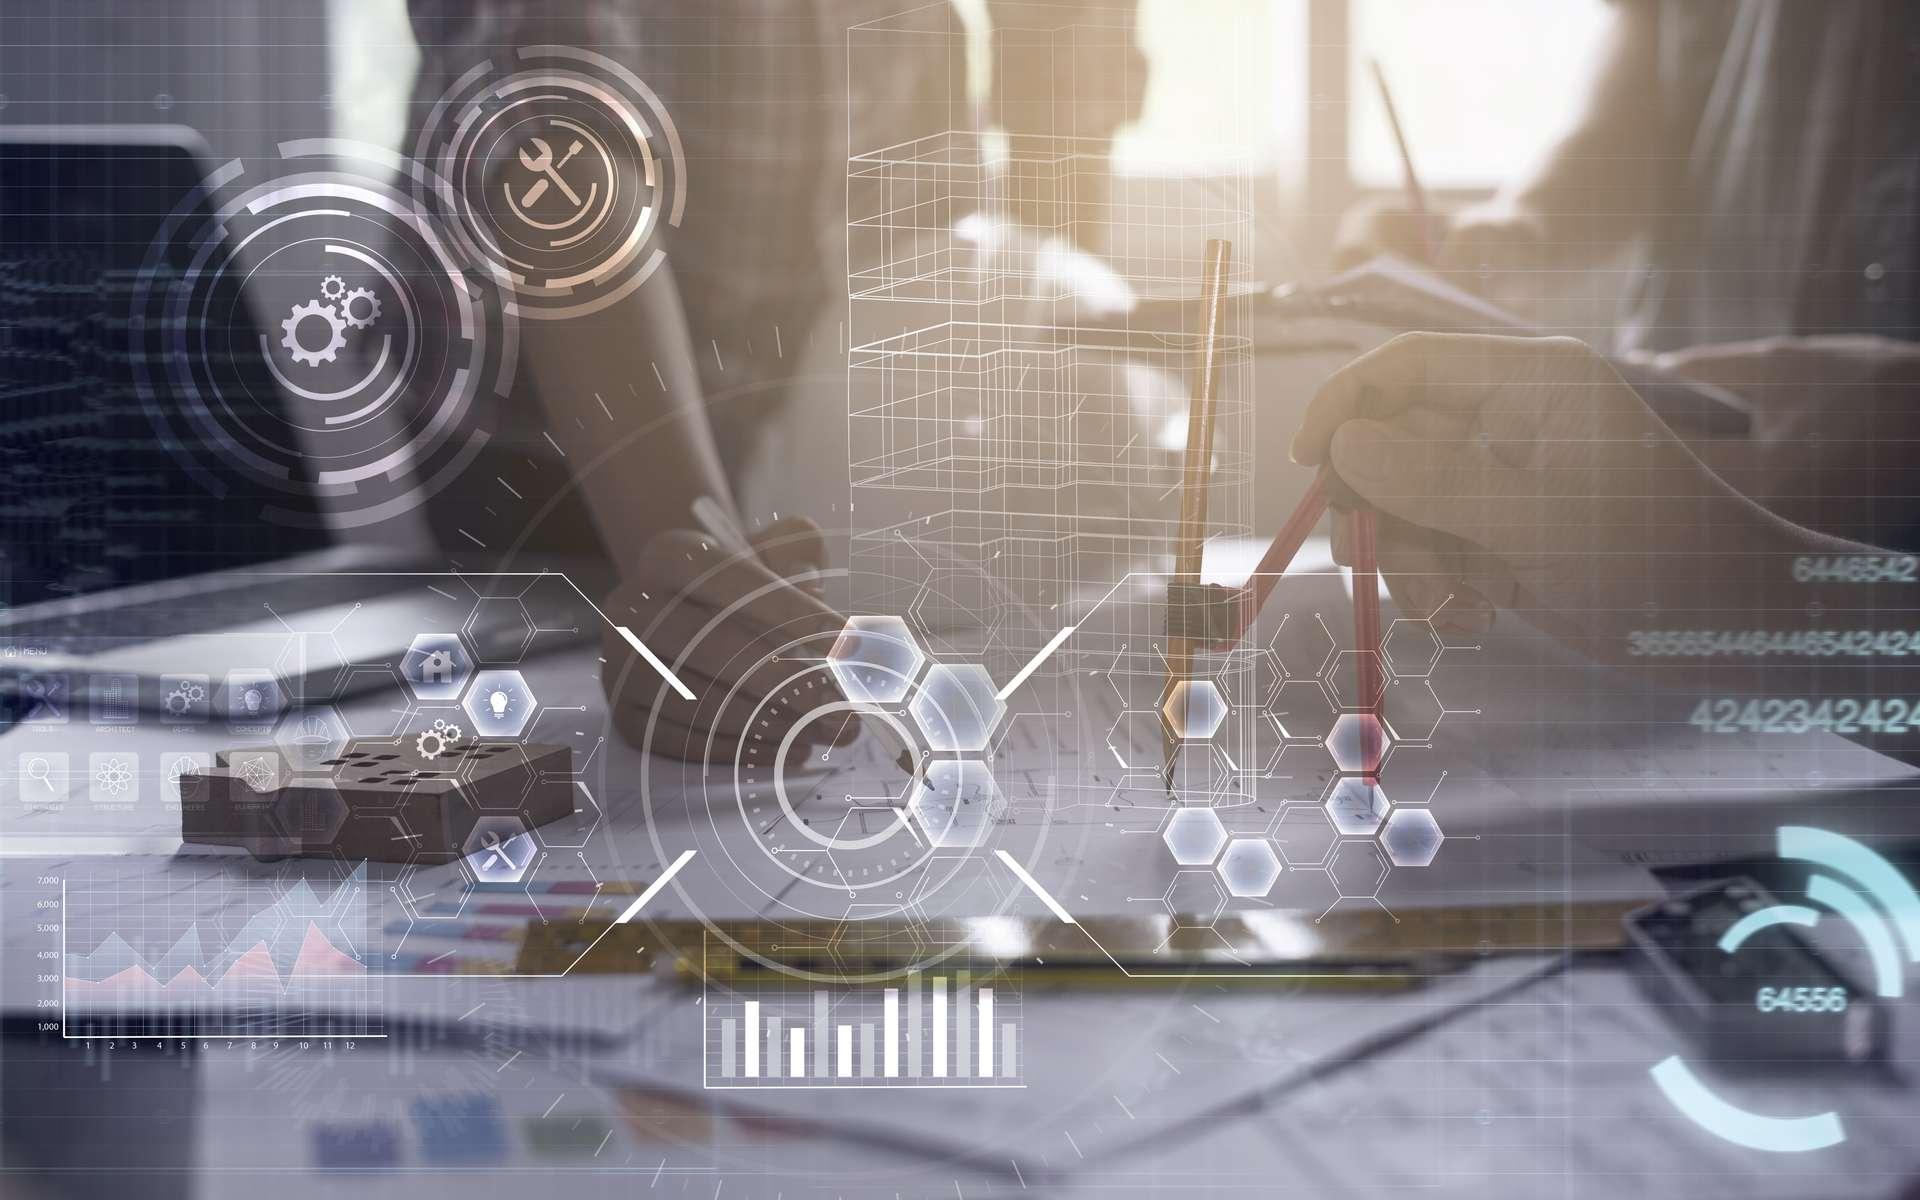 Métiers, salaires, secteurs et cursus scolaires... Apprenez comment intégrer naturellement une entreprise qui vous correspond dans l'ingénierie technologique. © Have a nice day, Adobe Stock